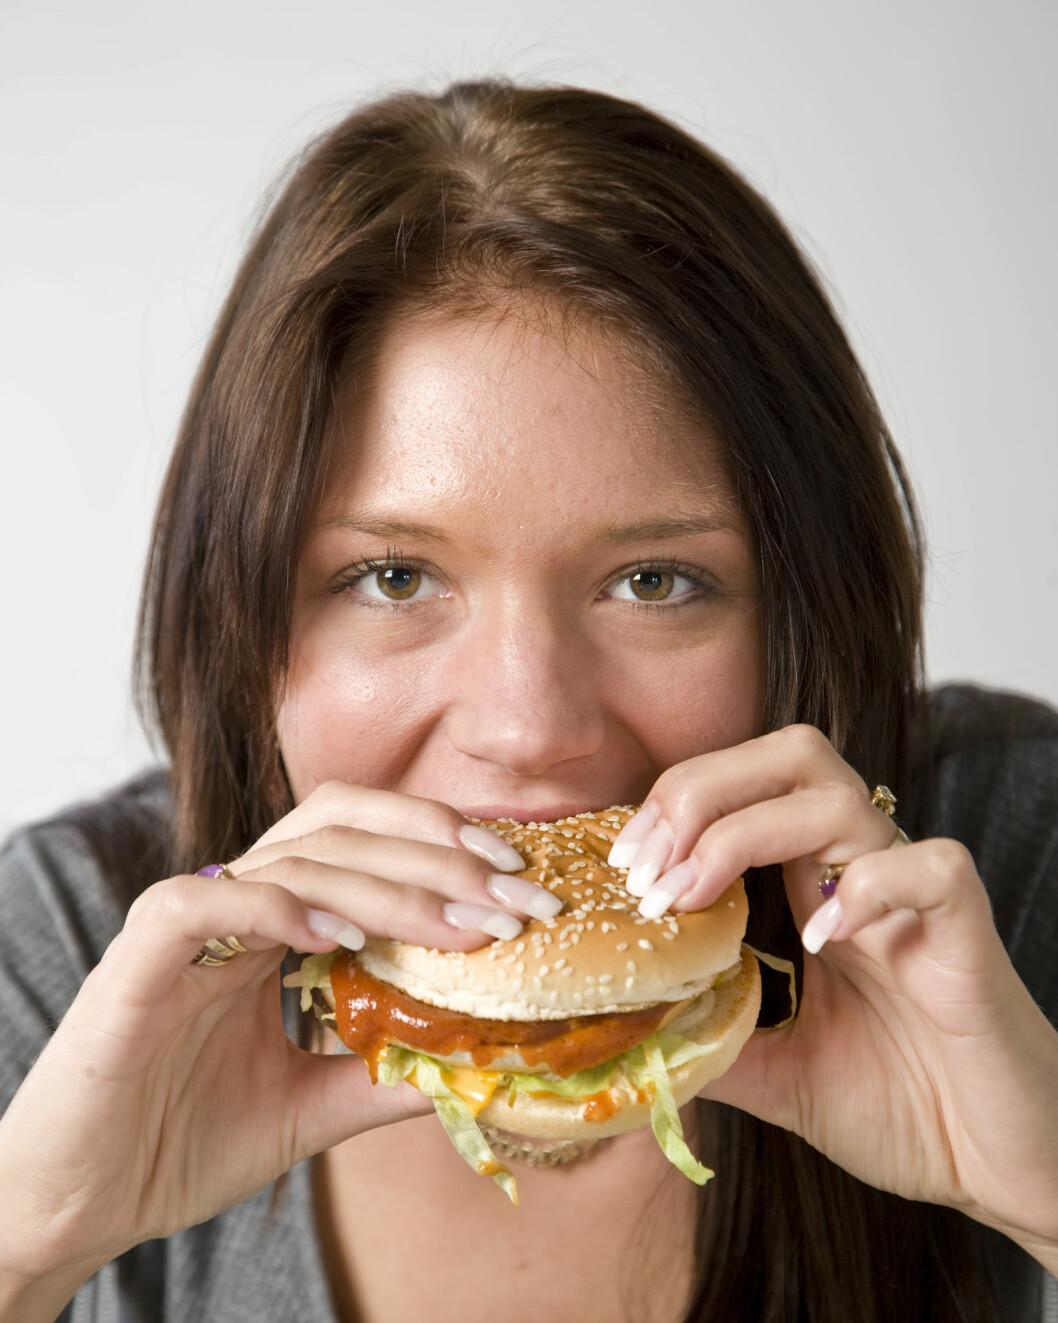 Restauranter teller kalorier for deg